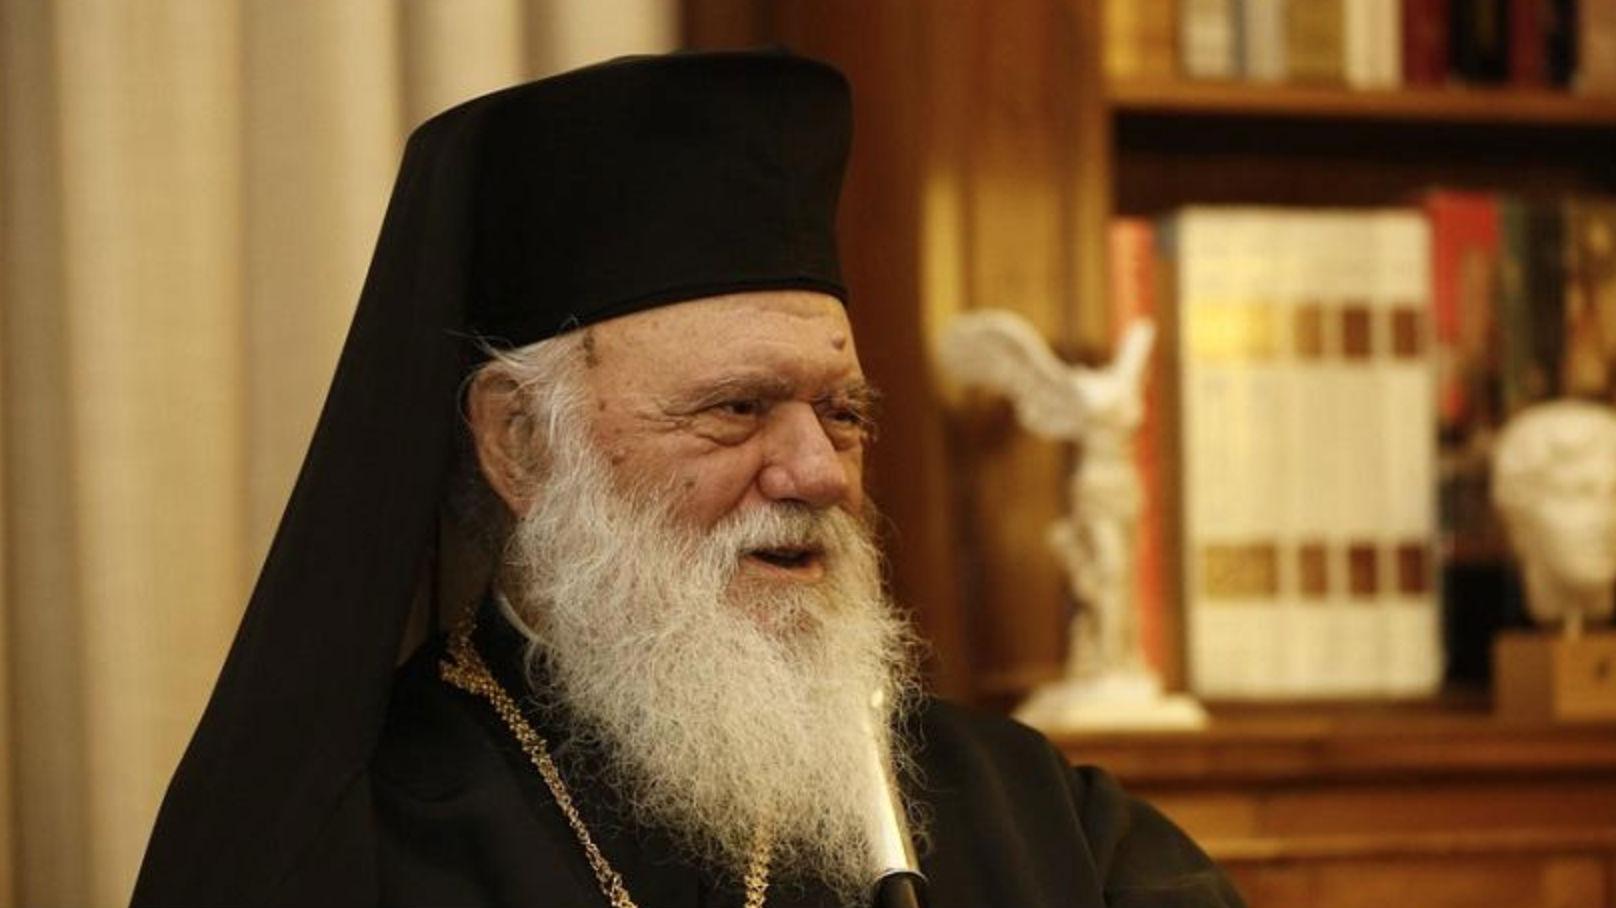 Αρχιεπίσκοπος Ιερώνυμος: «Ένα πραγματικό Πάσχα, εσωτερική Ανάσταση»